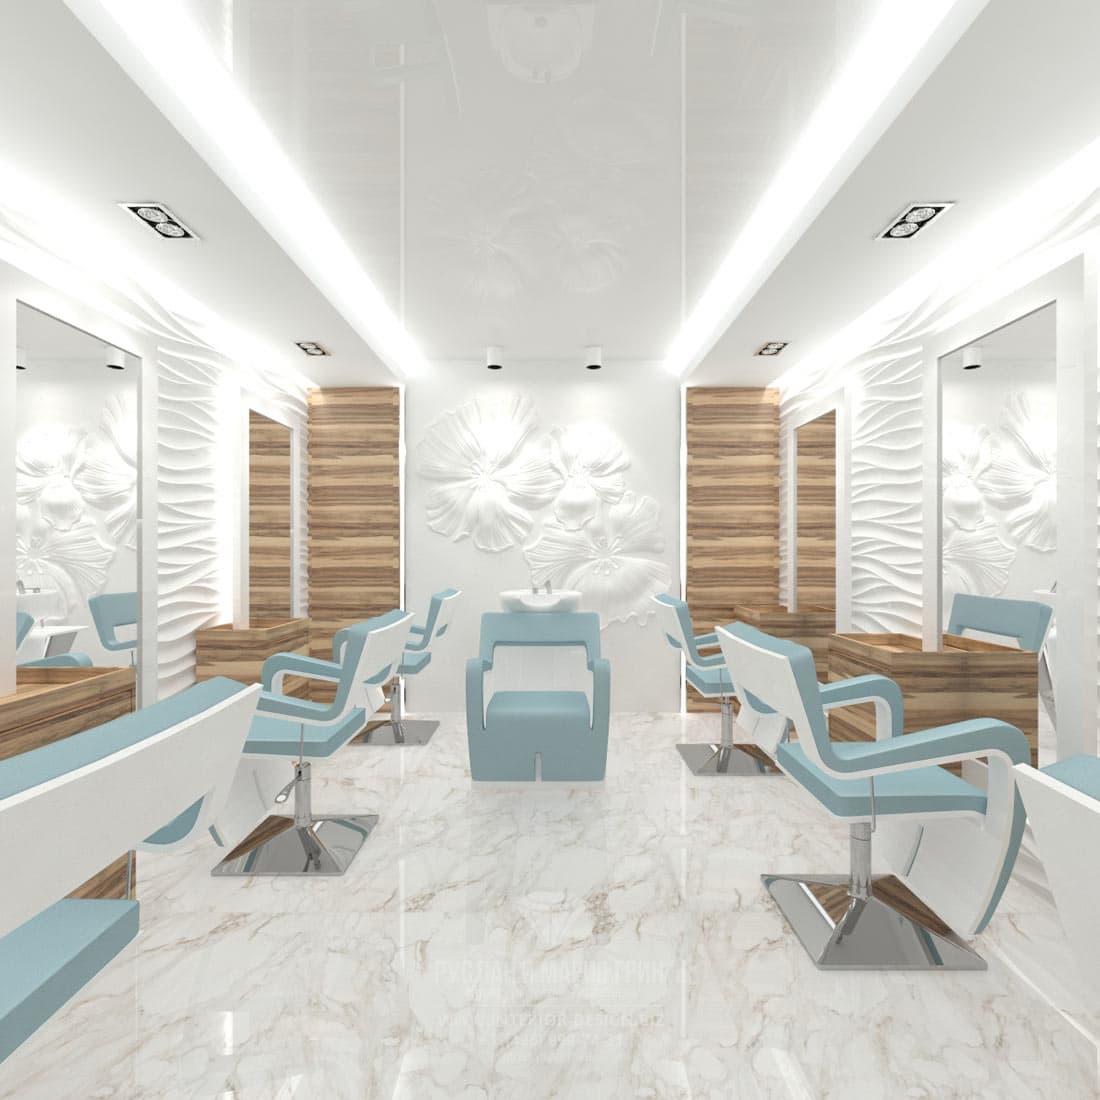 Дизайн интерьера современного салона красоты. Парикмахерский зал